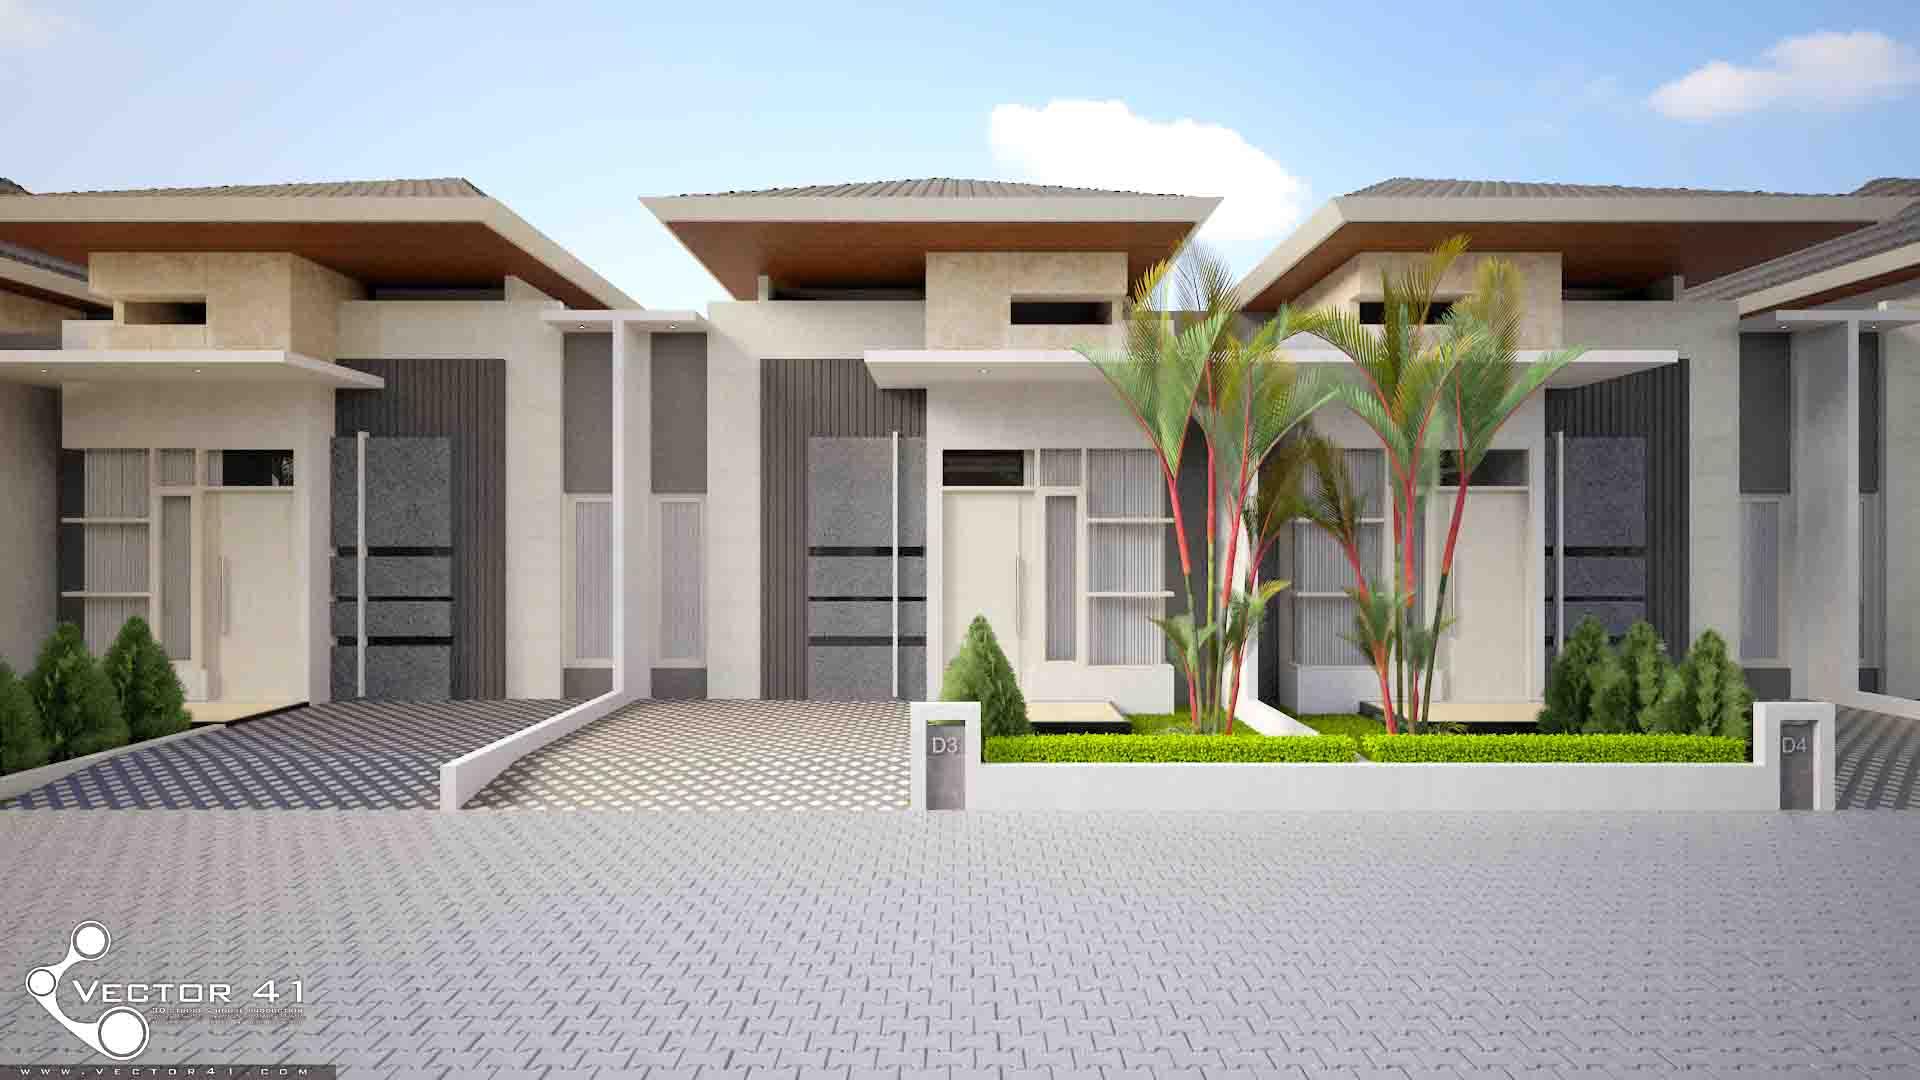 Project Arsitek Medan VECTOR41 ARSITEK MEDAN V41